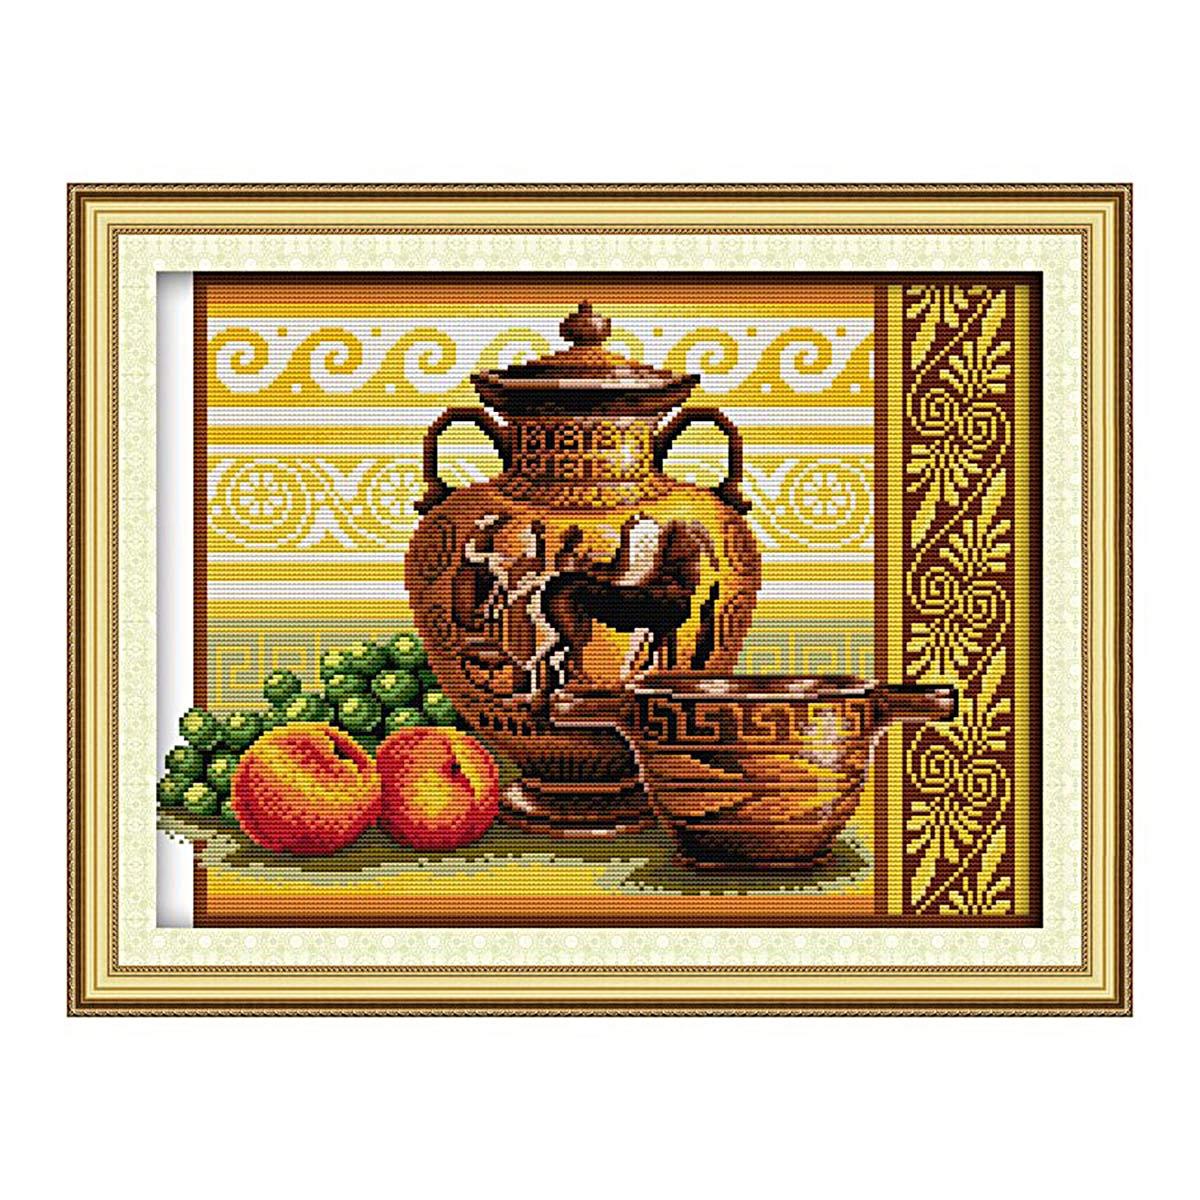 1189 Мозаика Cristal 'Греческий натюрморт', 47*35 см